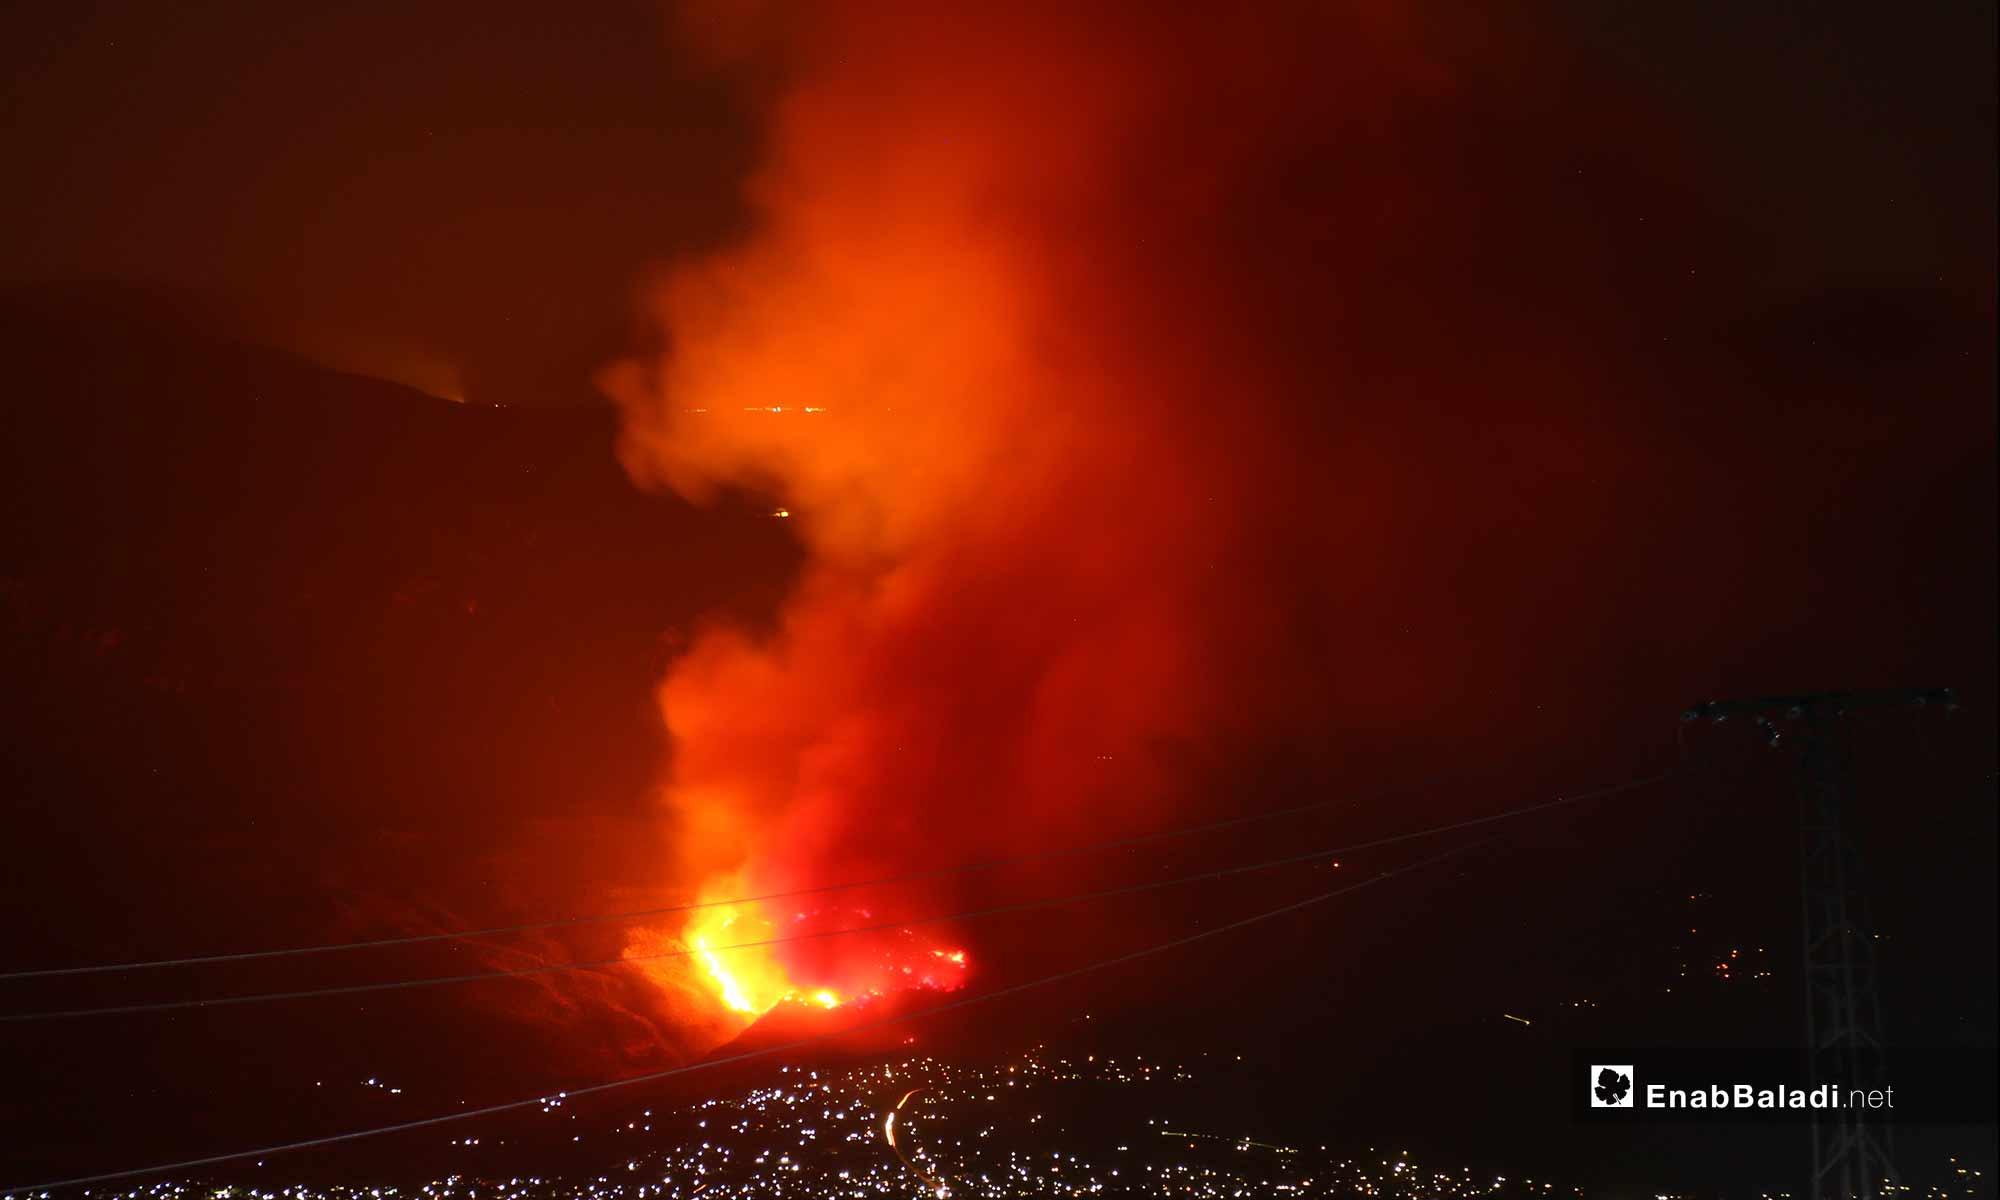 حريق في معسكر جورين بسهل الغاب غربي حماة إثر قصف لفصائل المعارضة - 5 أيلول 2018 (عنب بلدي)